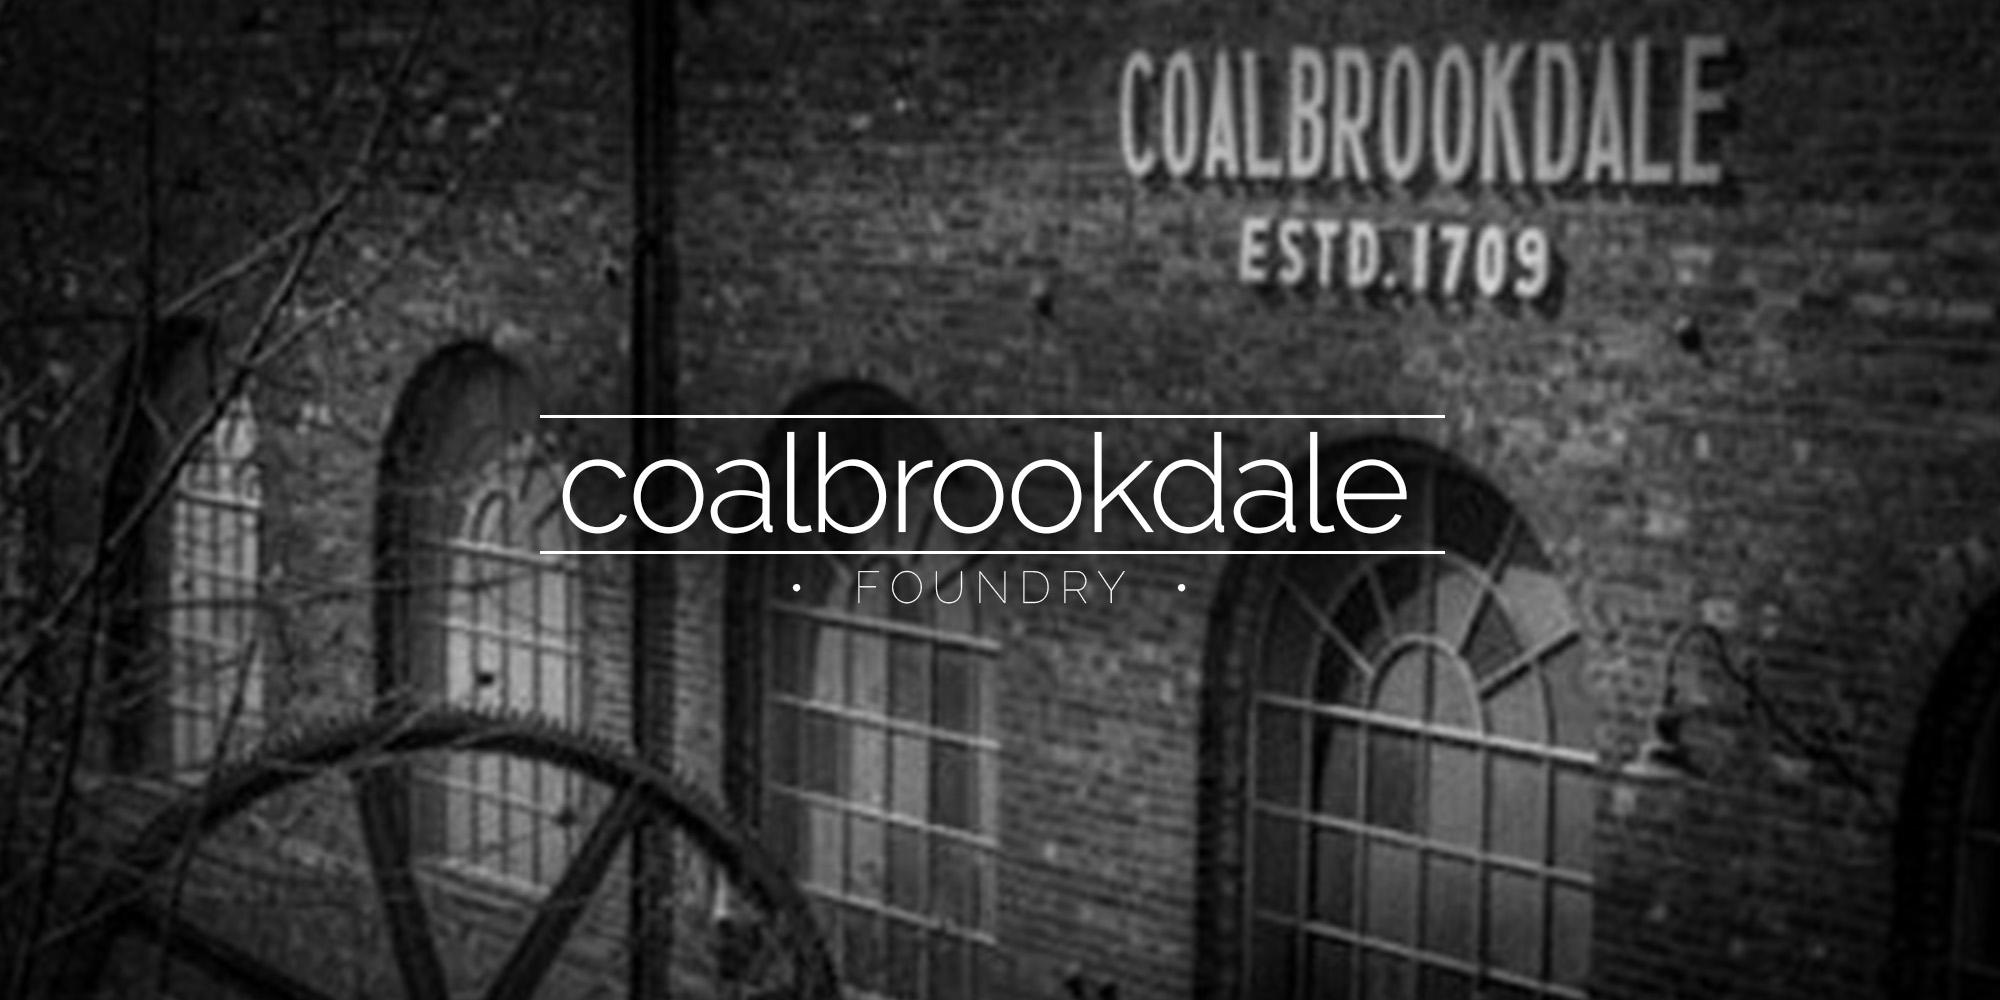 Coalbrookdale Foundry, Ironbridge, Shropshire